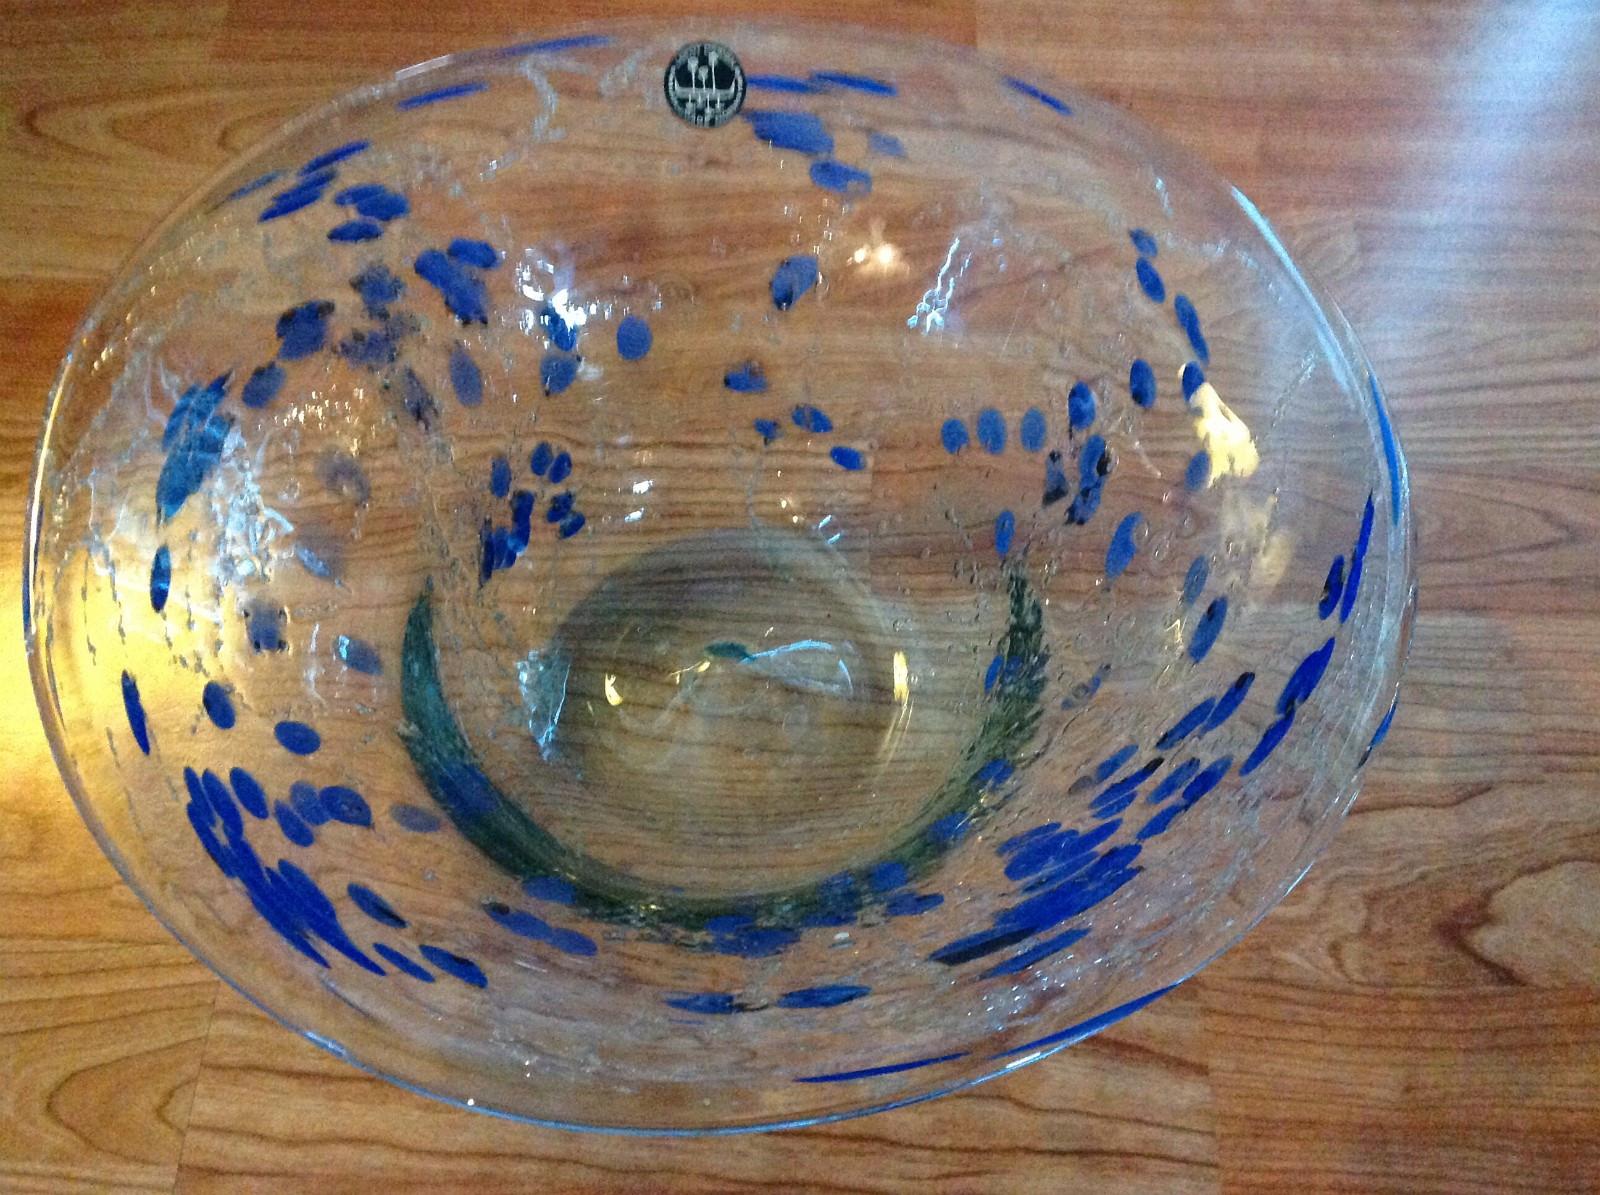 Glassfat og vase fra Lofot Design - Solbergelva  - Håndlaget fat og vase fra Lofot Design. Selges helst samlet da det er et sett, men kan også selges enkeltvis. - Solbergelva